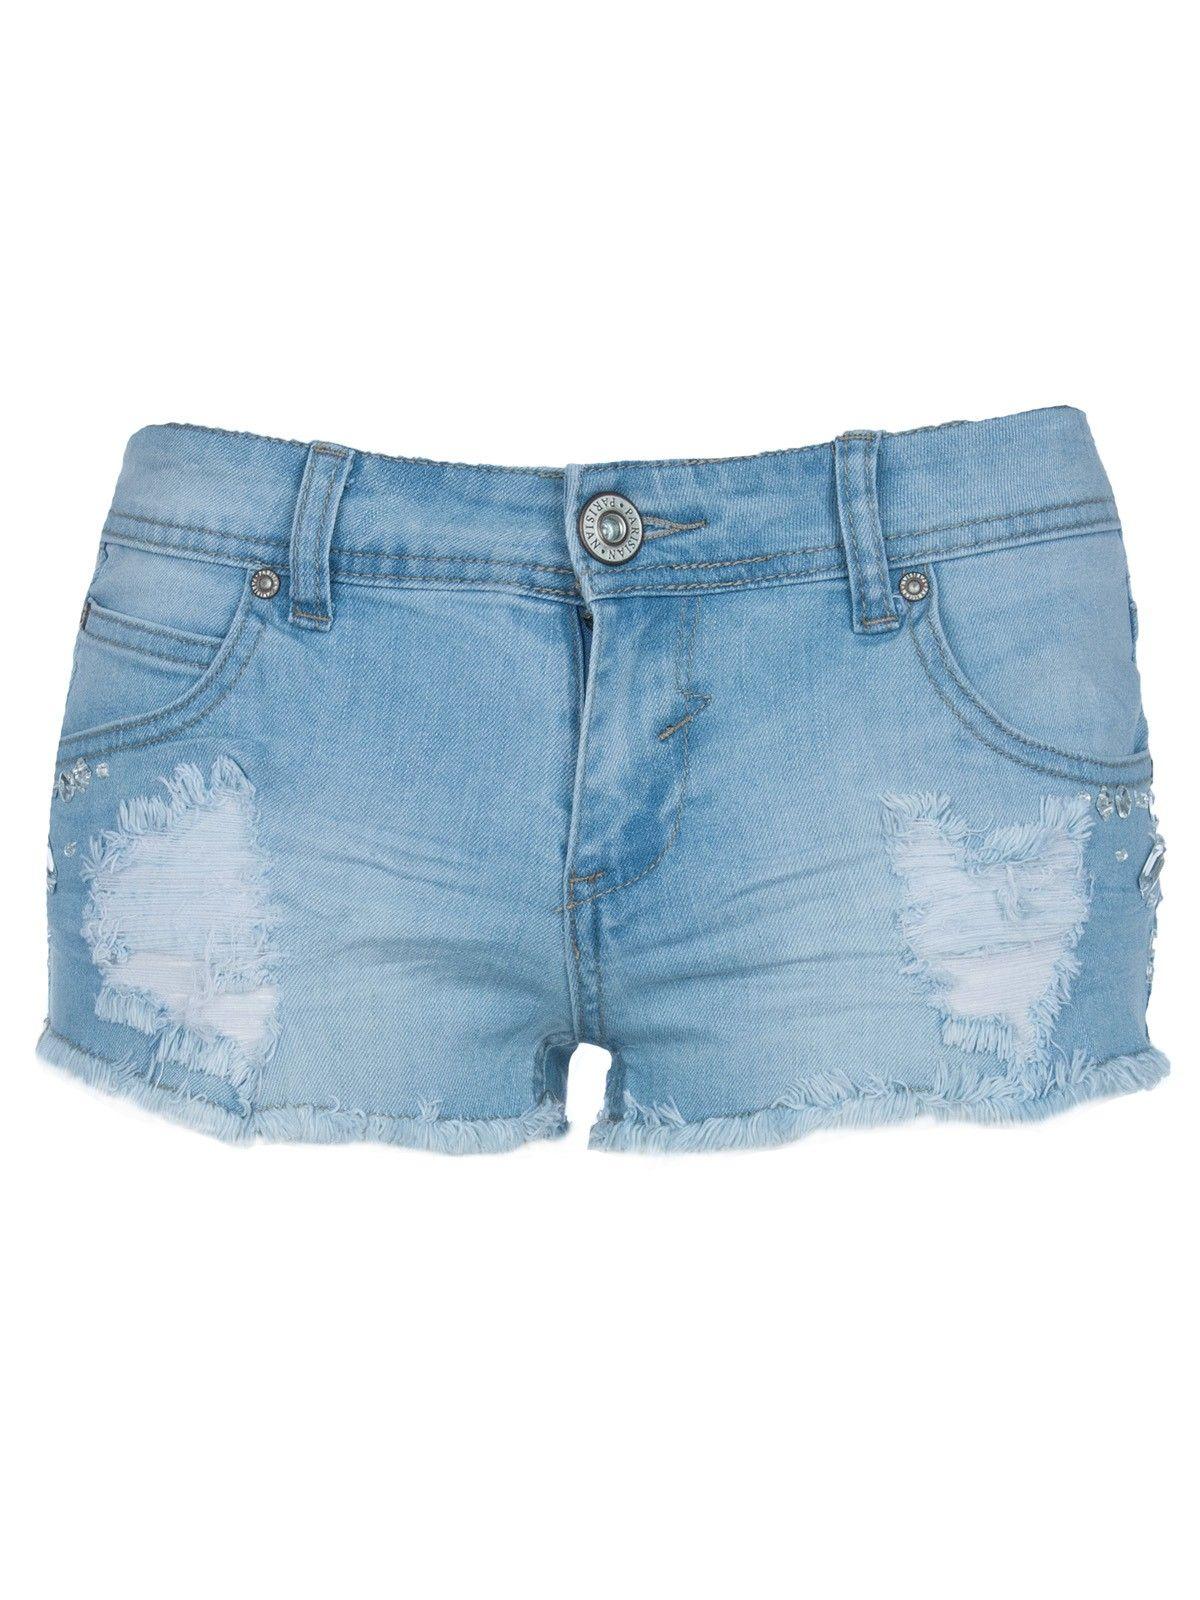 Hot Pant Denim Shorts